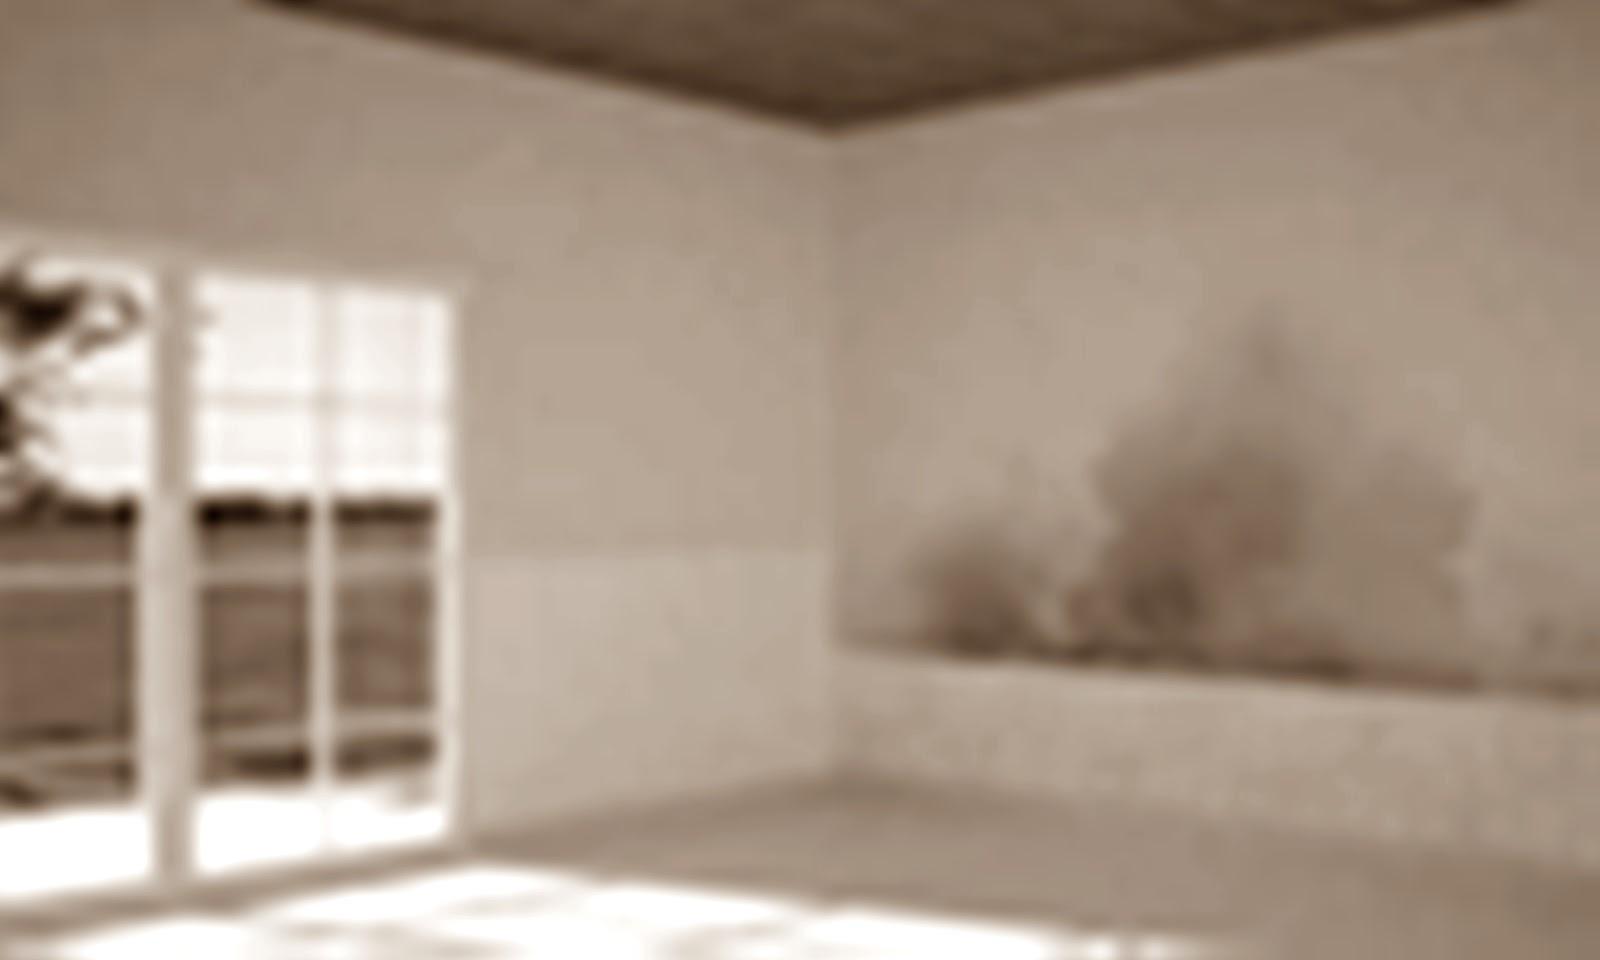 Pintura aislante termico y acustico - Microesferas ceramicas para pintura ...